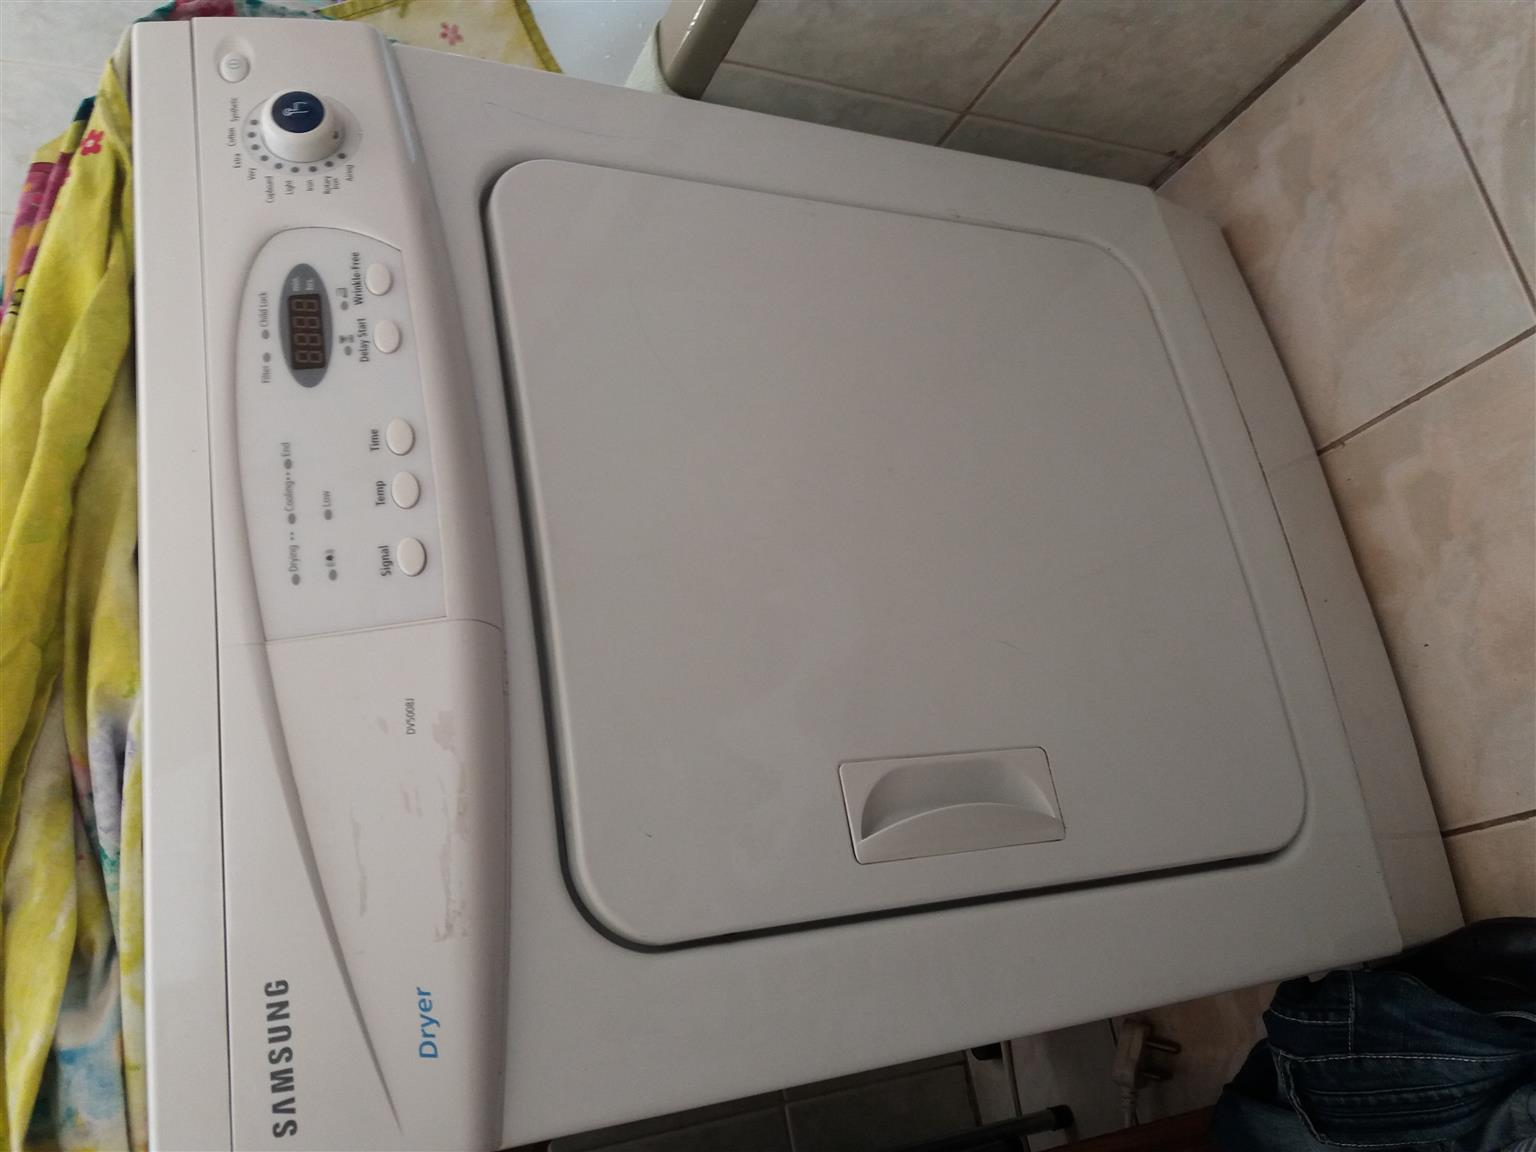 Samsung Dryer dv5008J